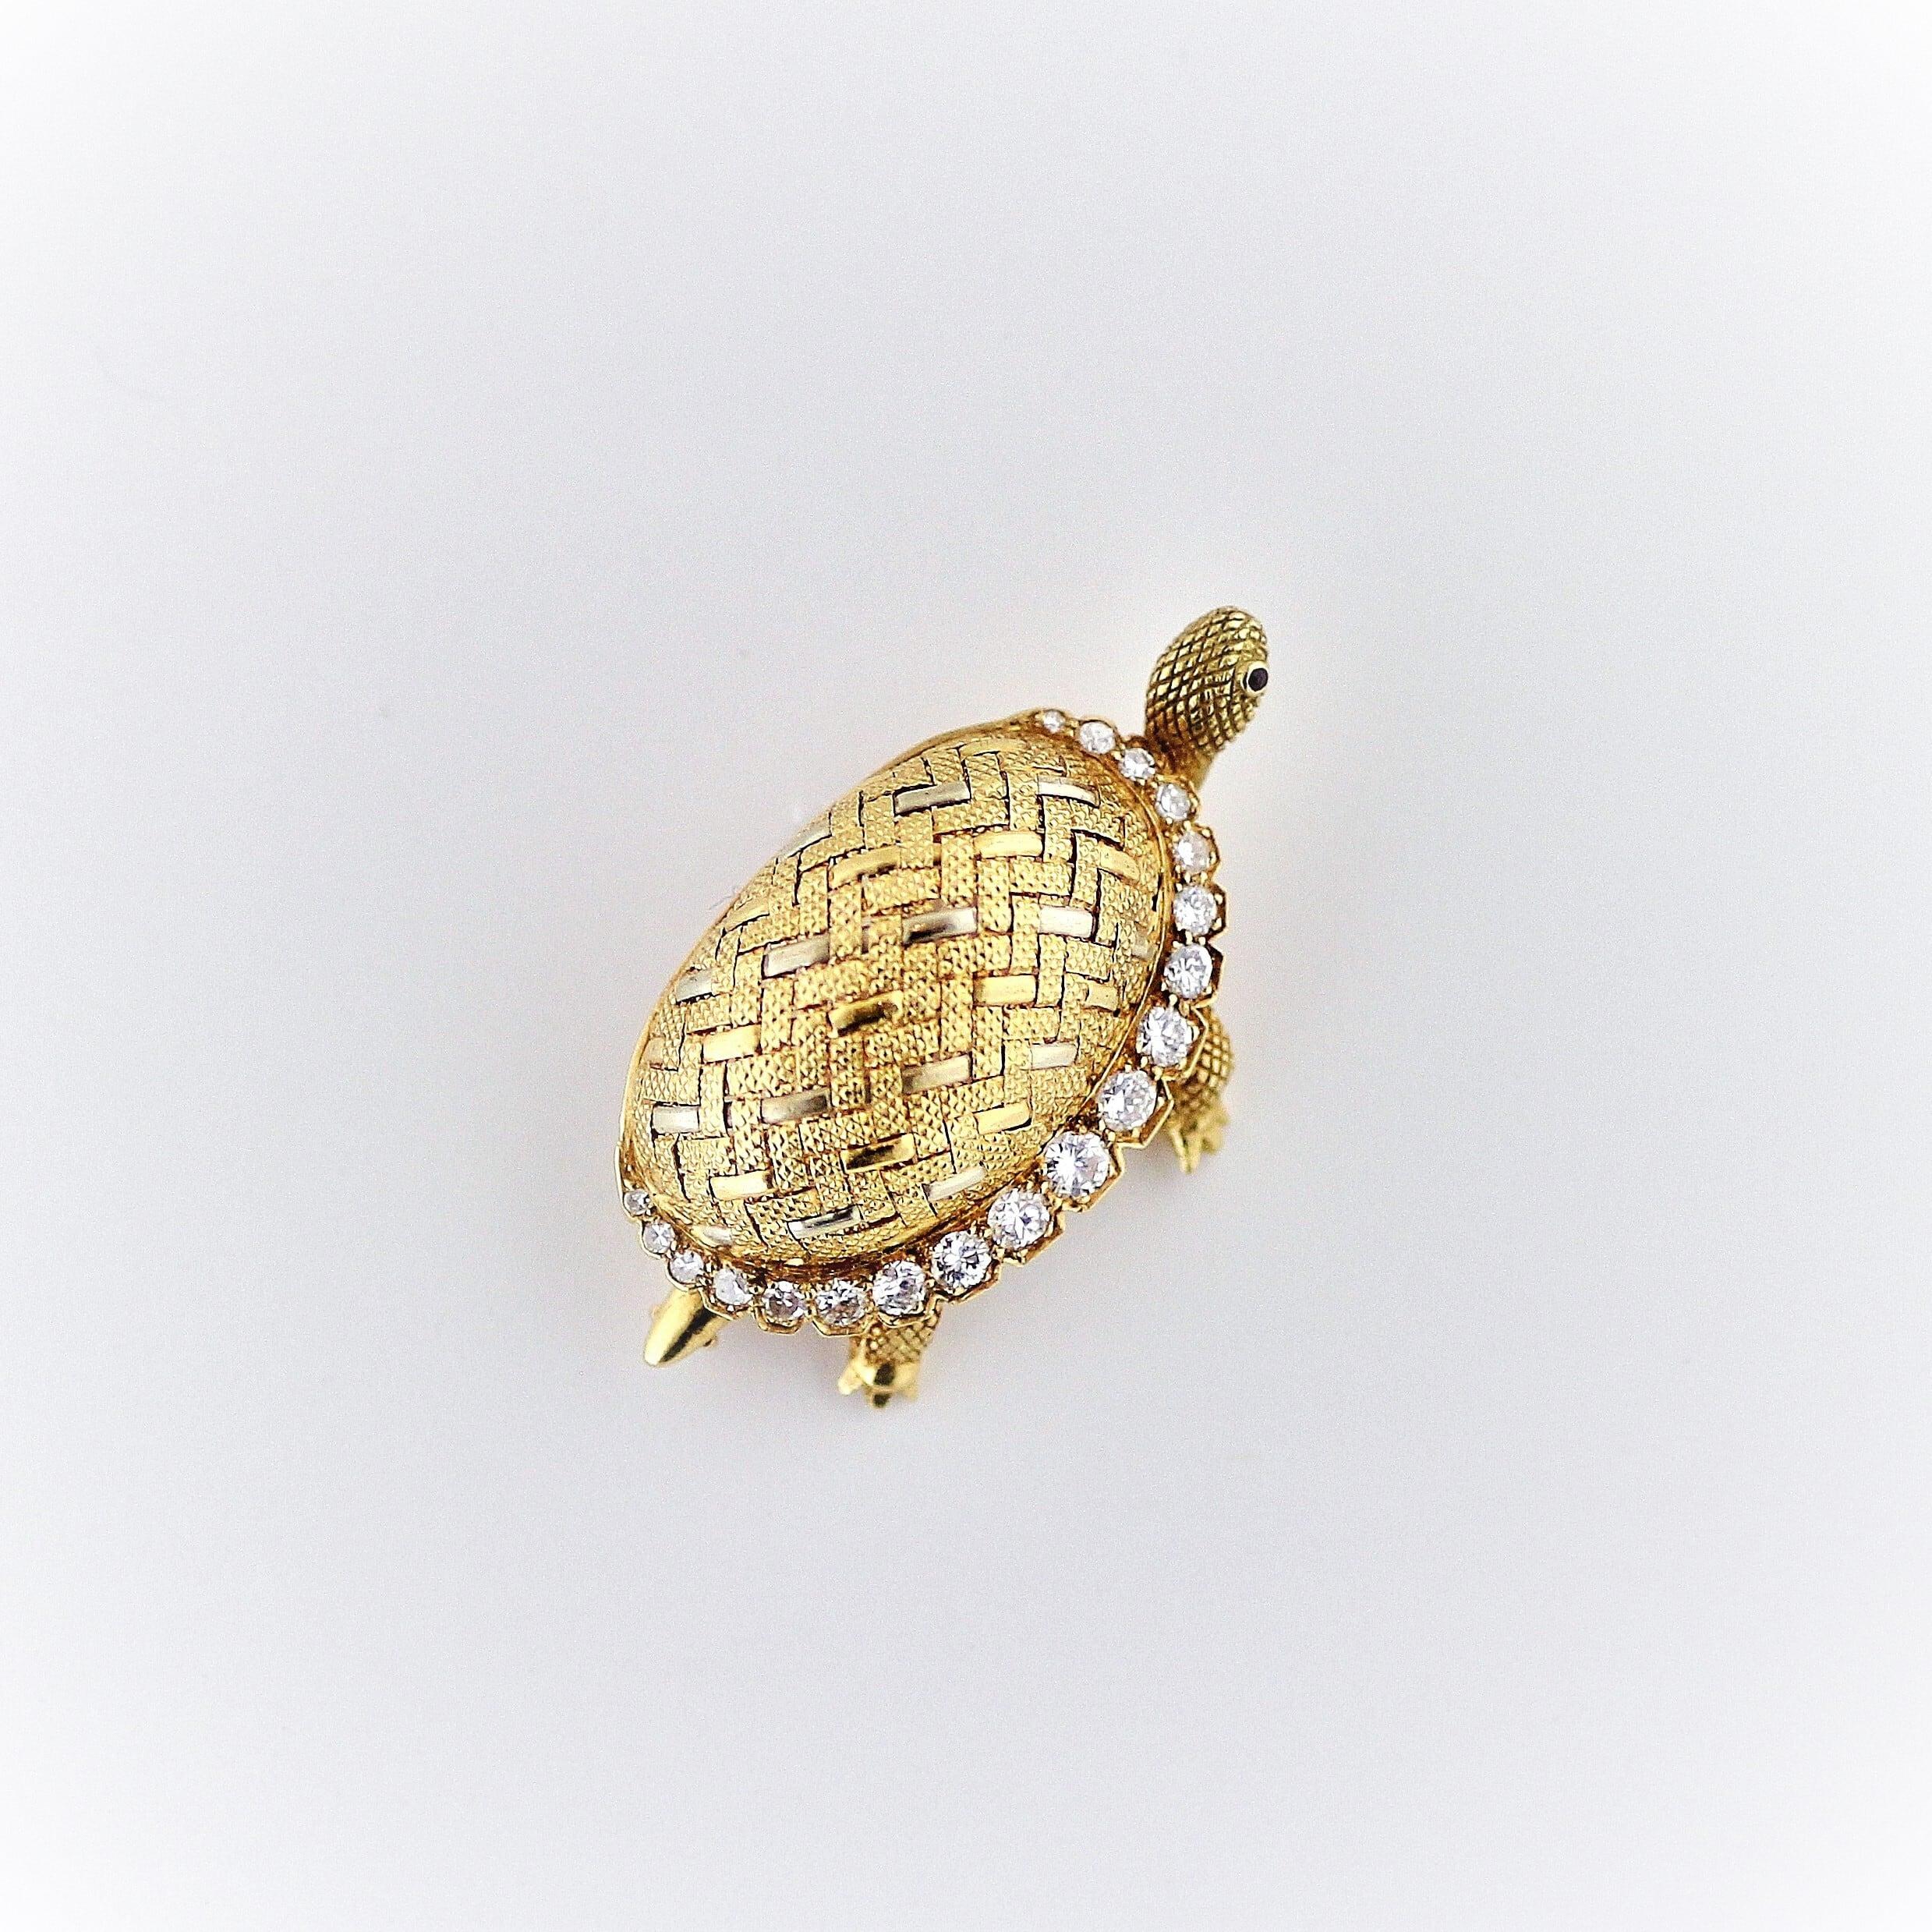 Diamond & Gold Turtle Brooch  ダイアモンド&ゴールド タートル ブローチ